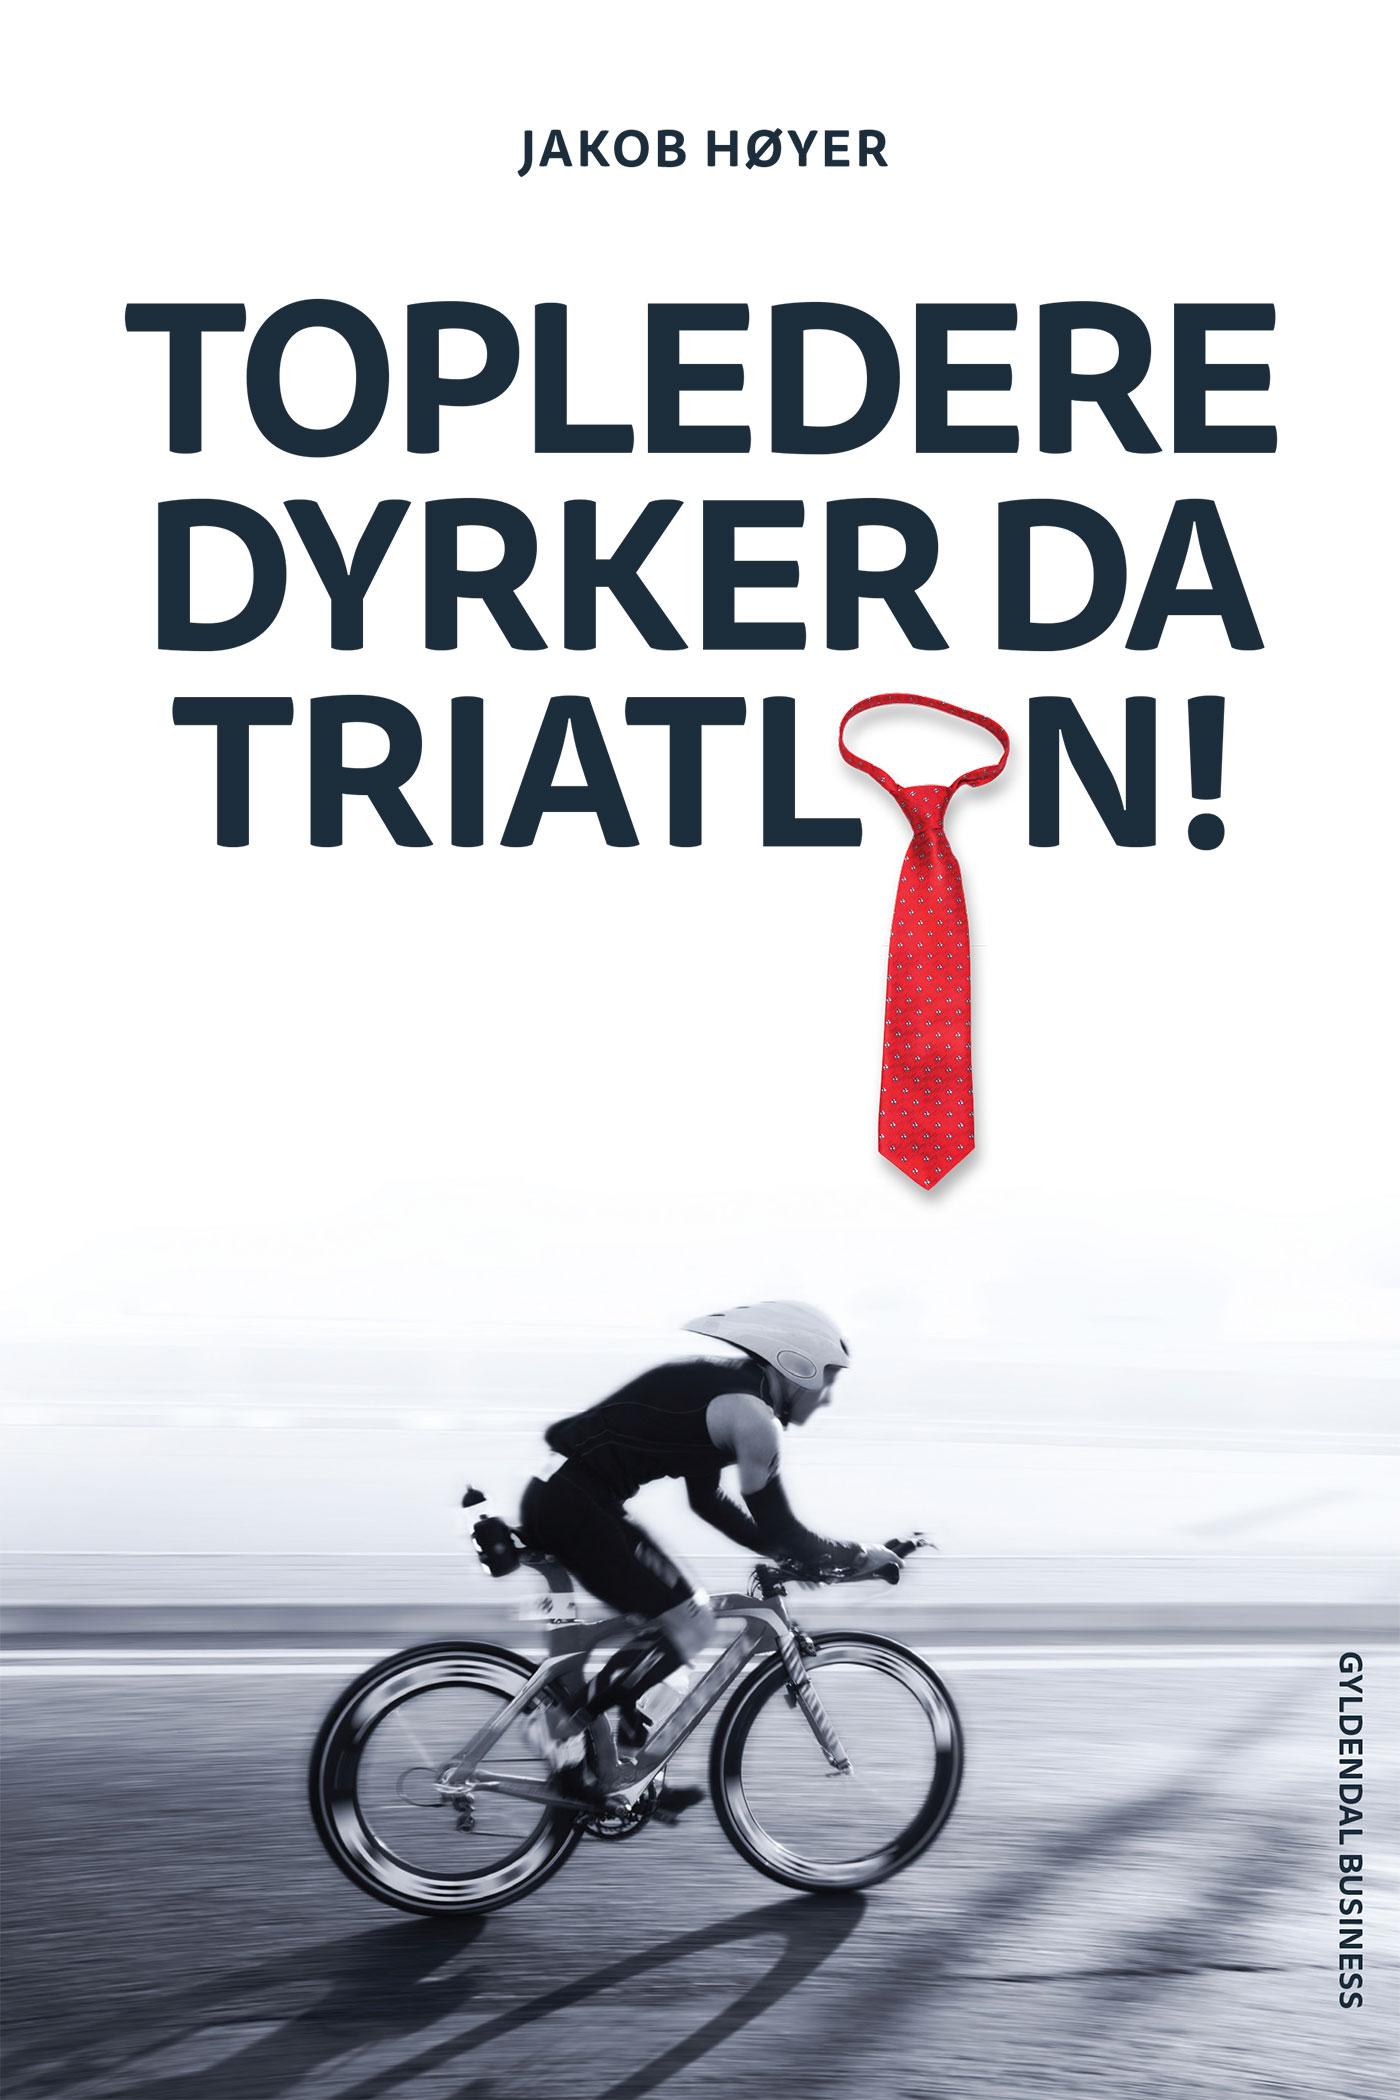 Billede af Topledere dyrker da triatlon - E-bog